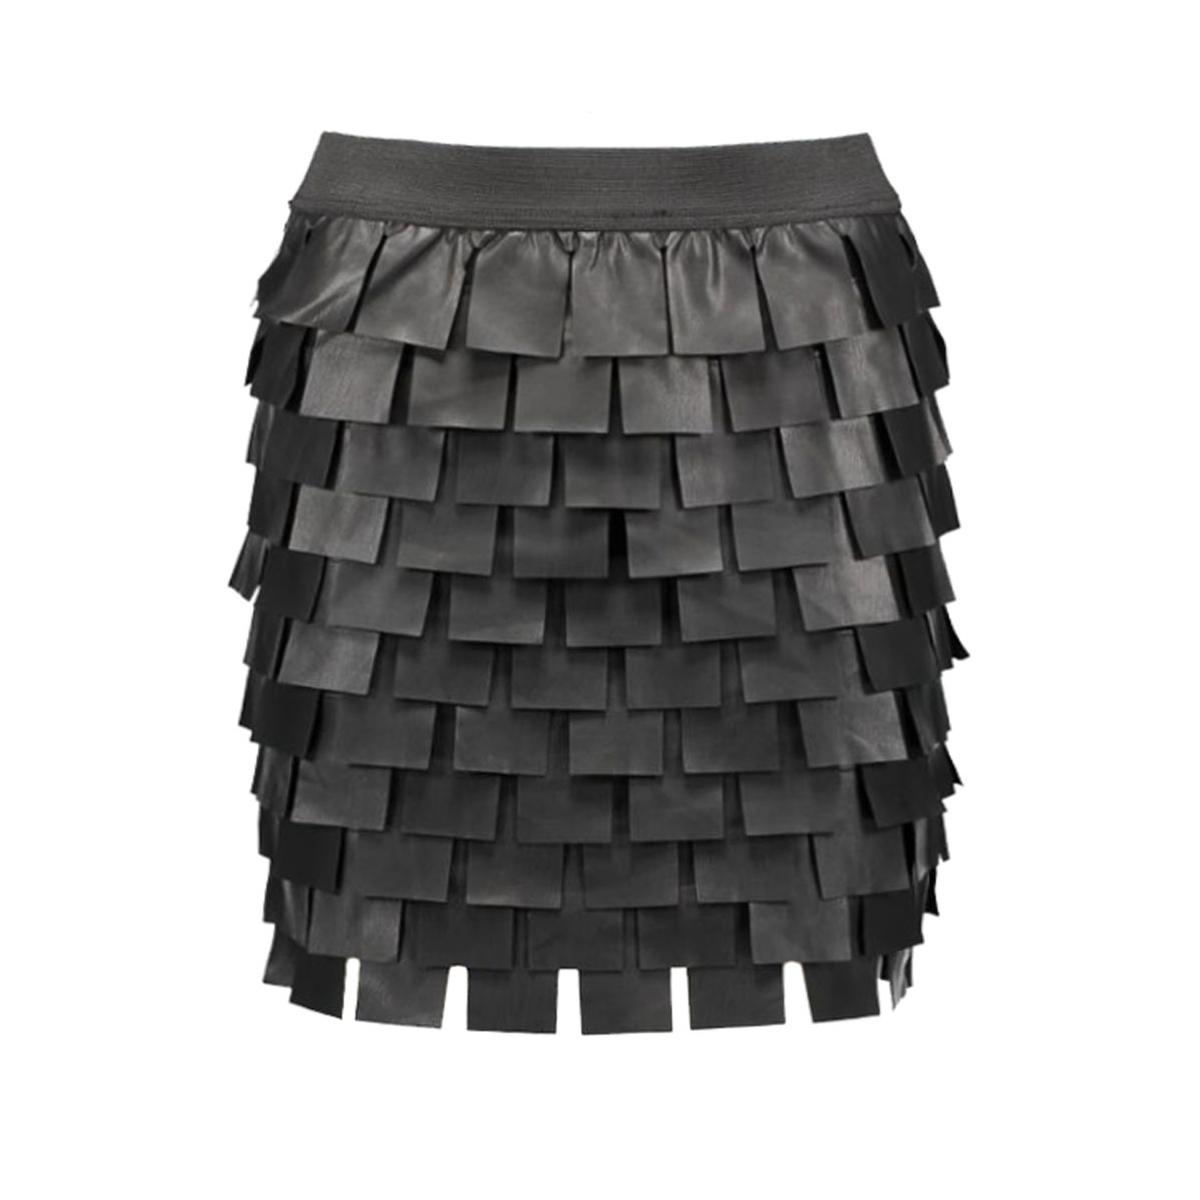 objlinea new pu pencil skirt 23023679 object rok black